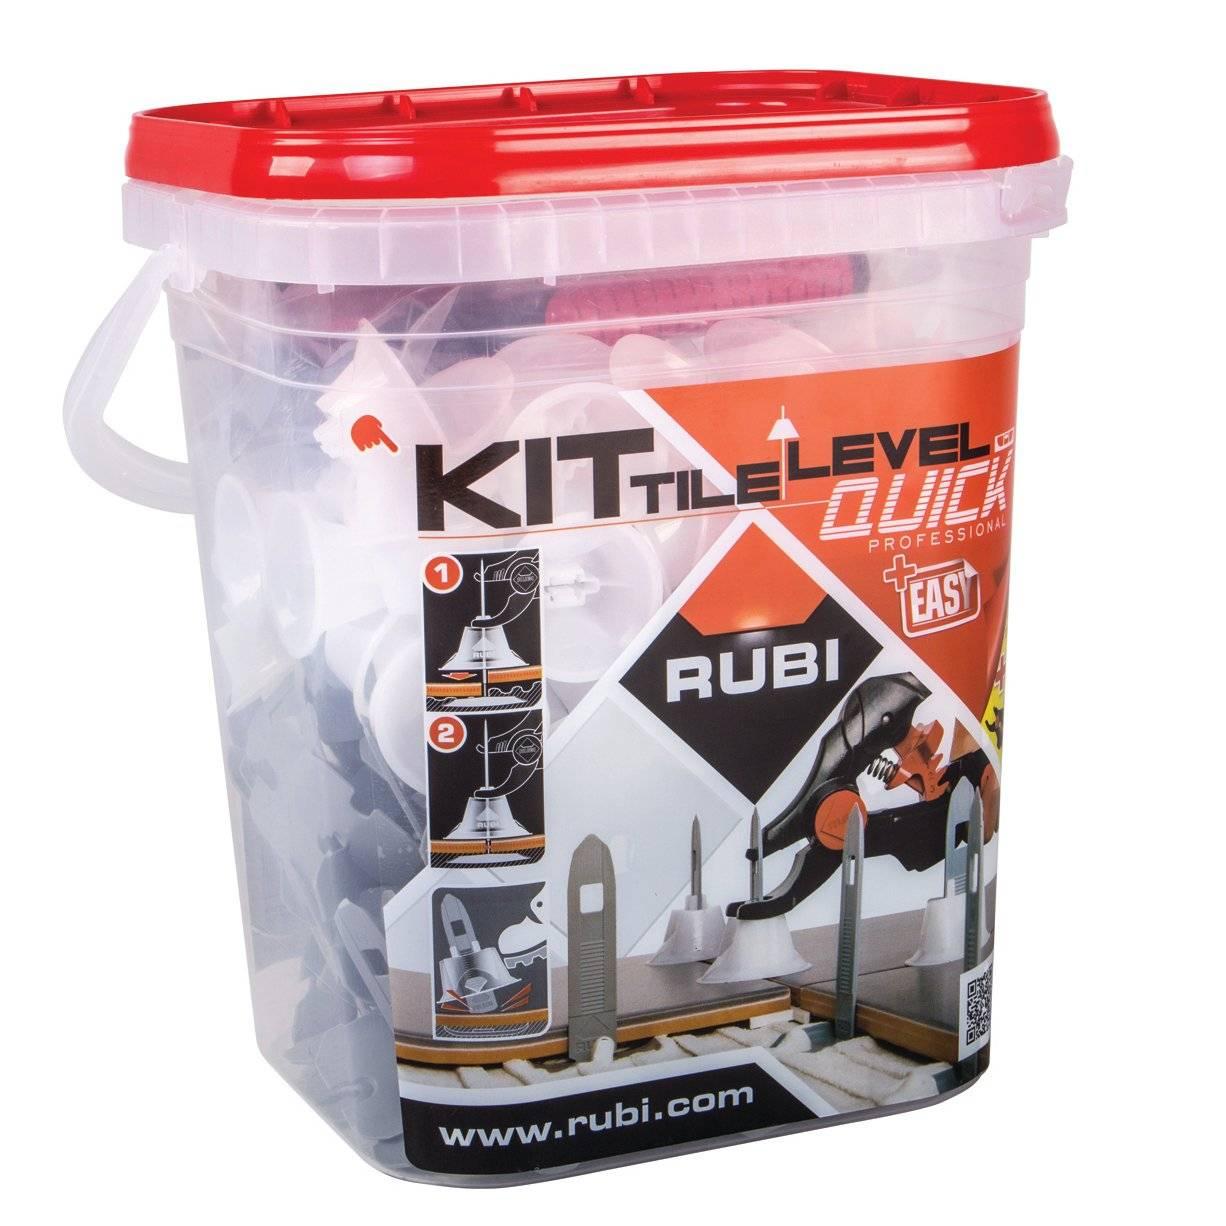 Rubi Tile Level Quick Kit